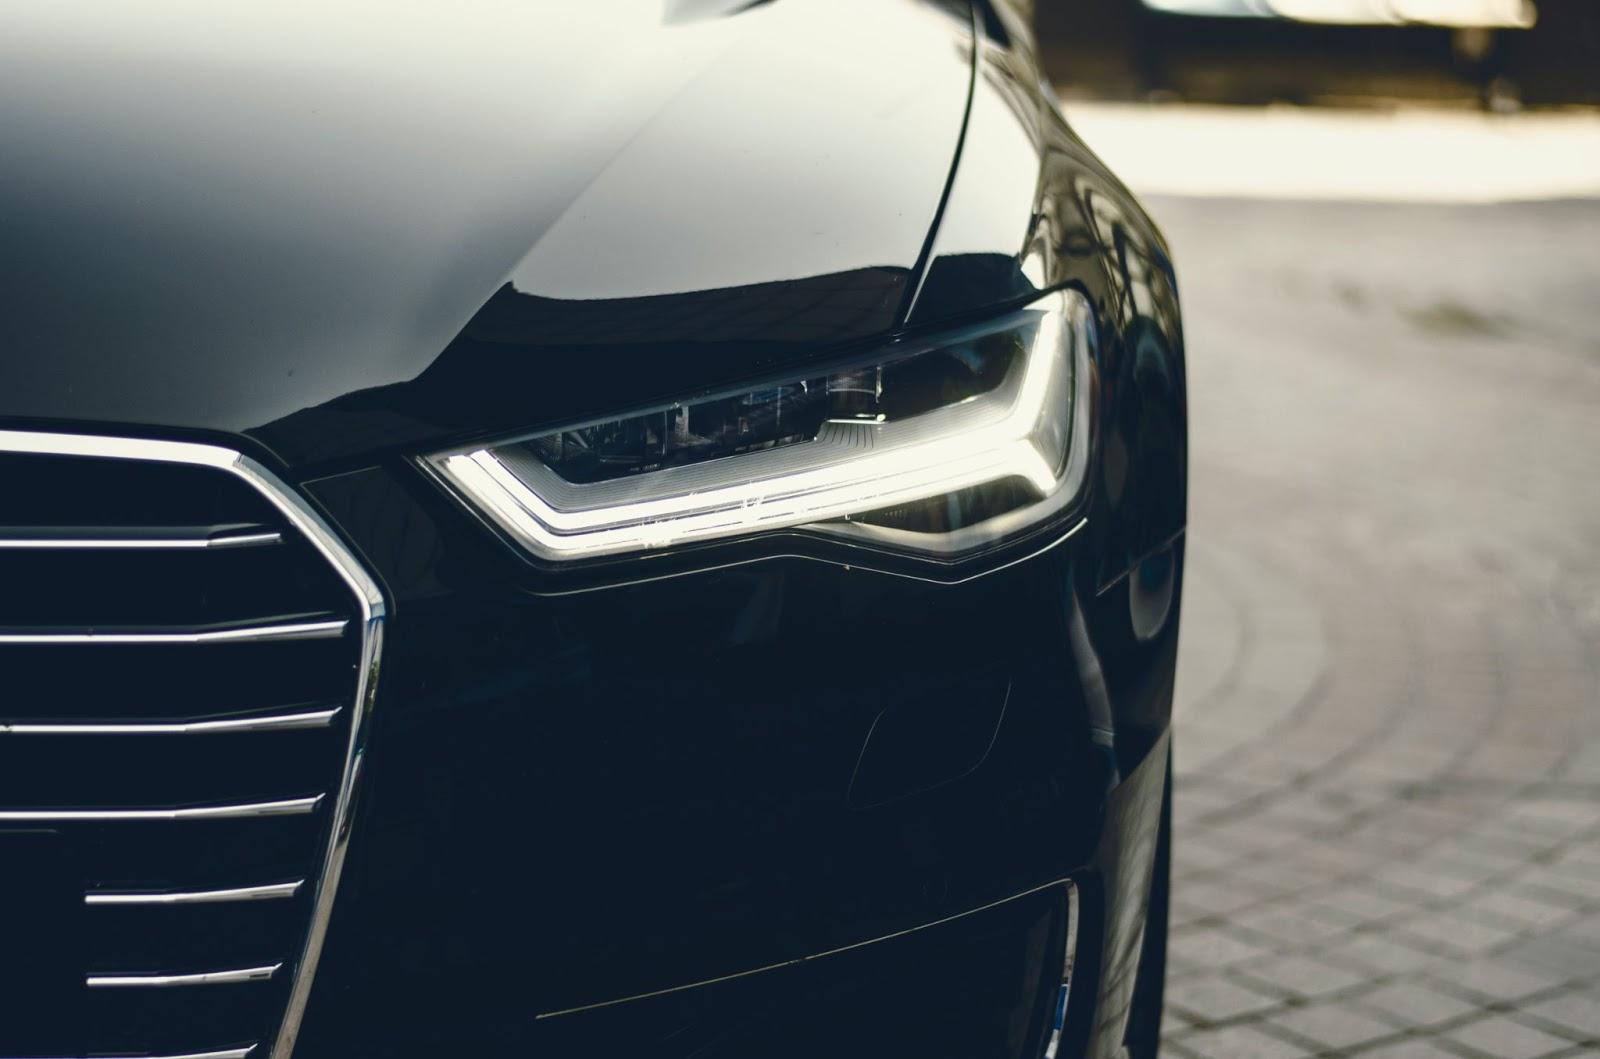 Focused imagine of headlight on a black car.